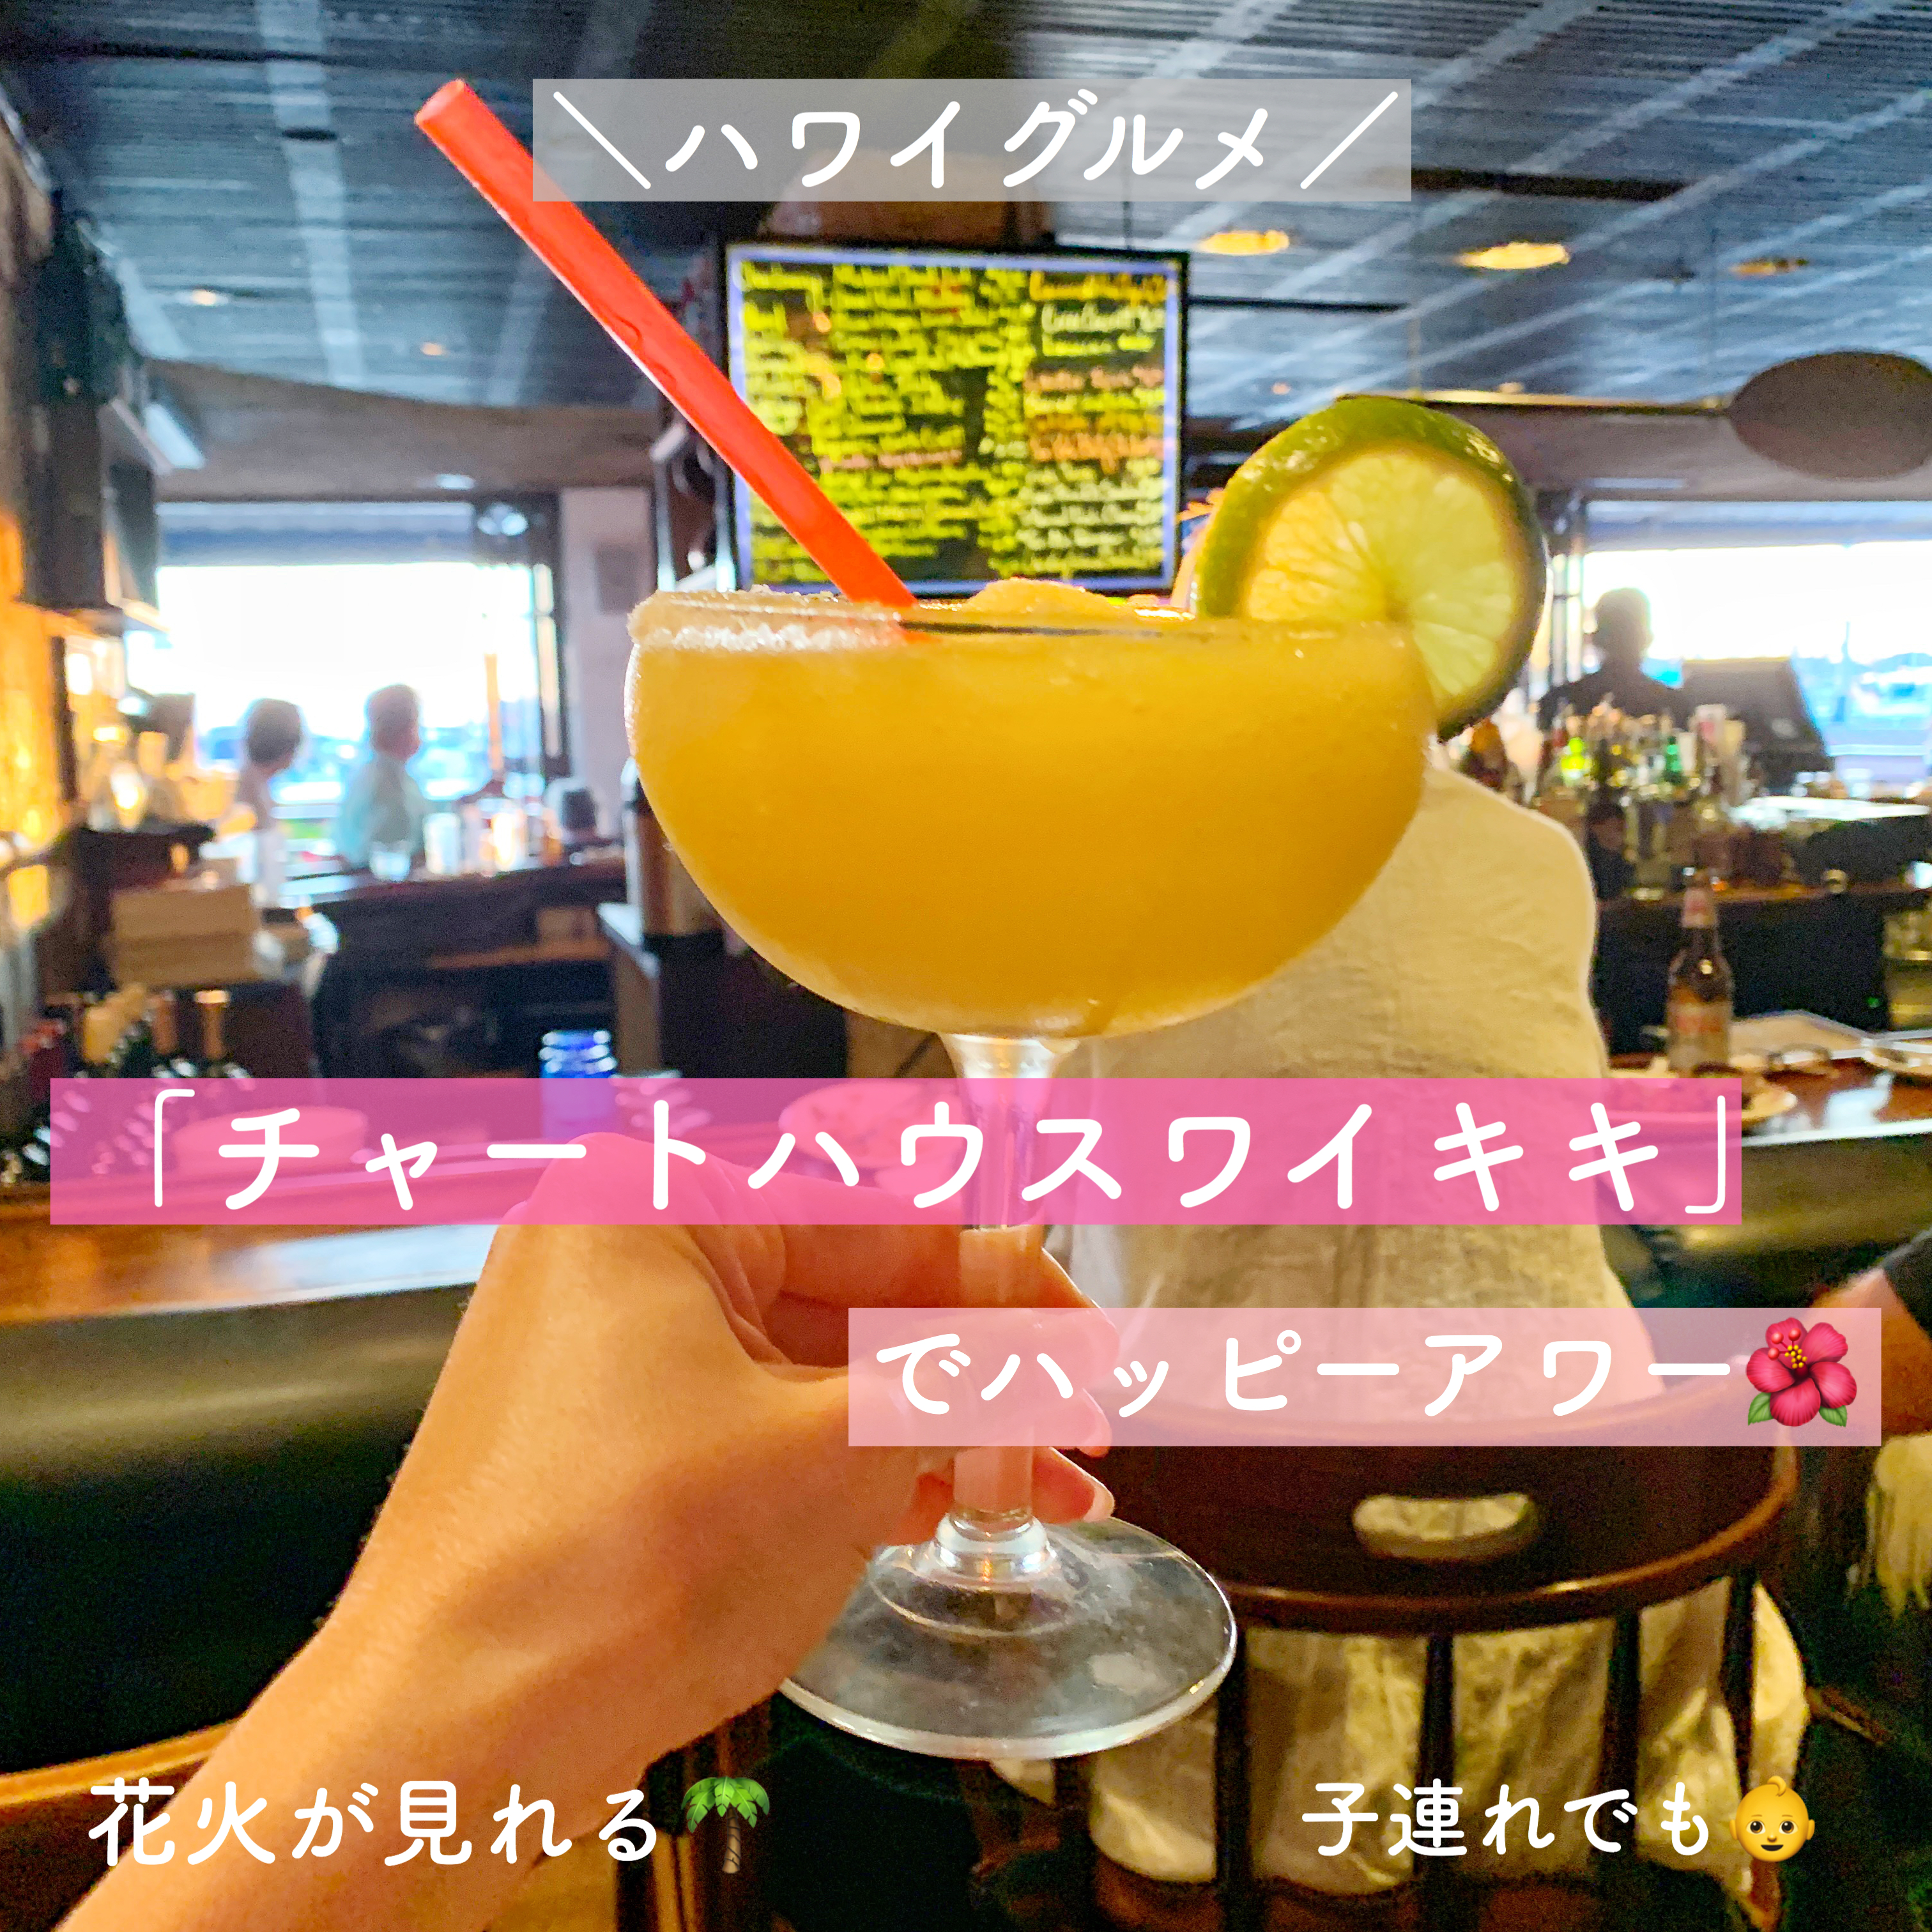 【ヒルトン花火】「チャートハウス・ワイキキ」で子連れハッピーアワー 【見えるレストラン】